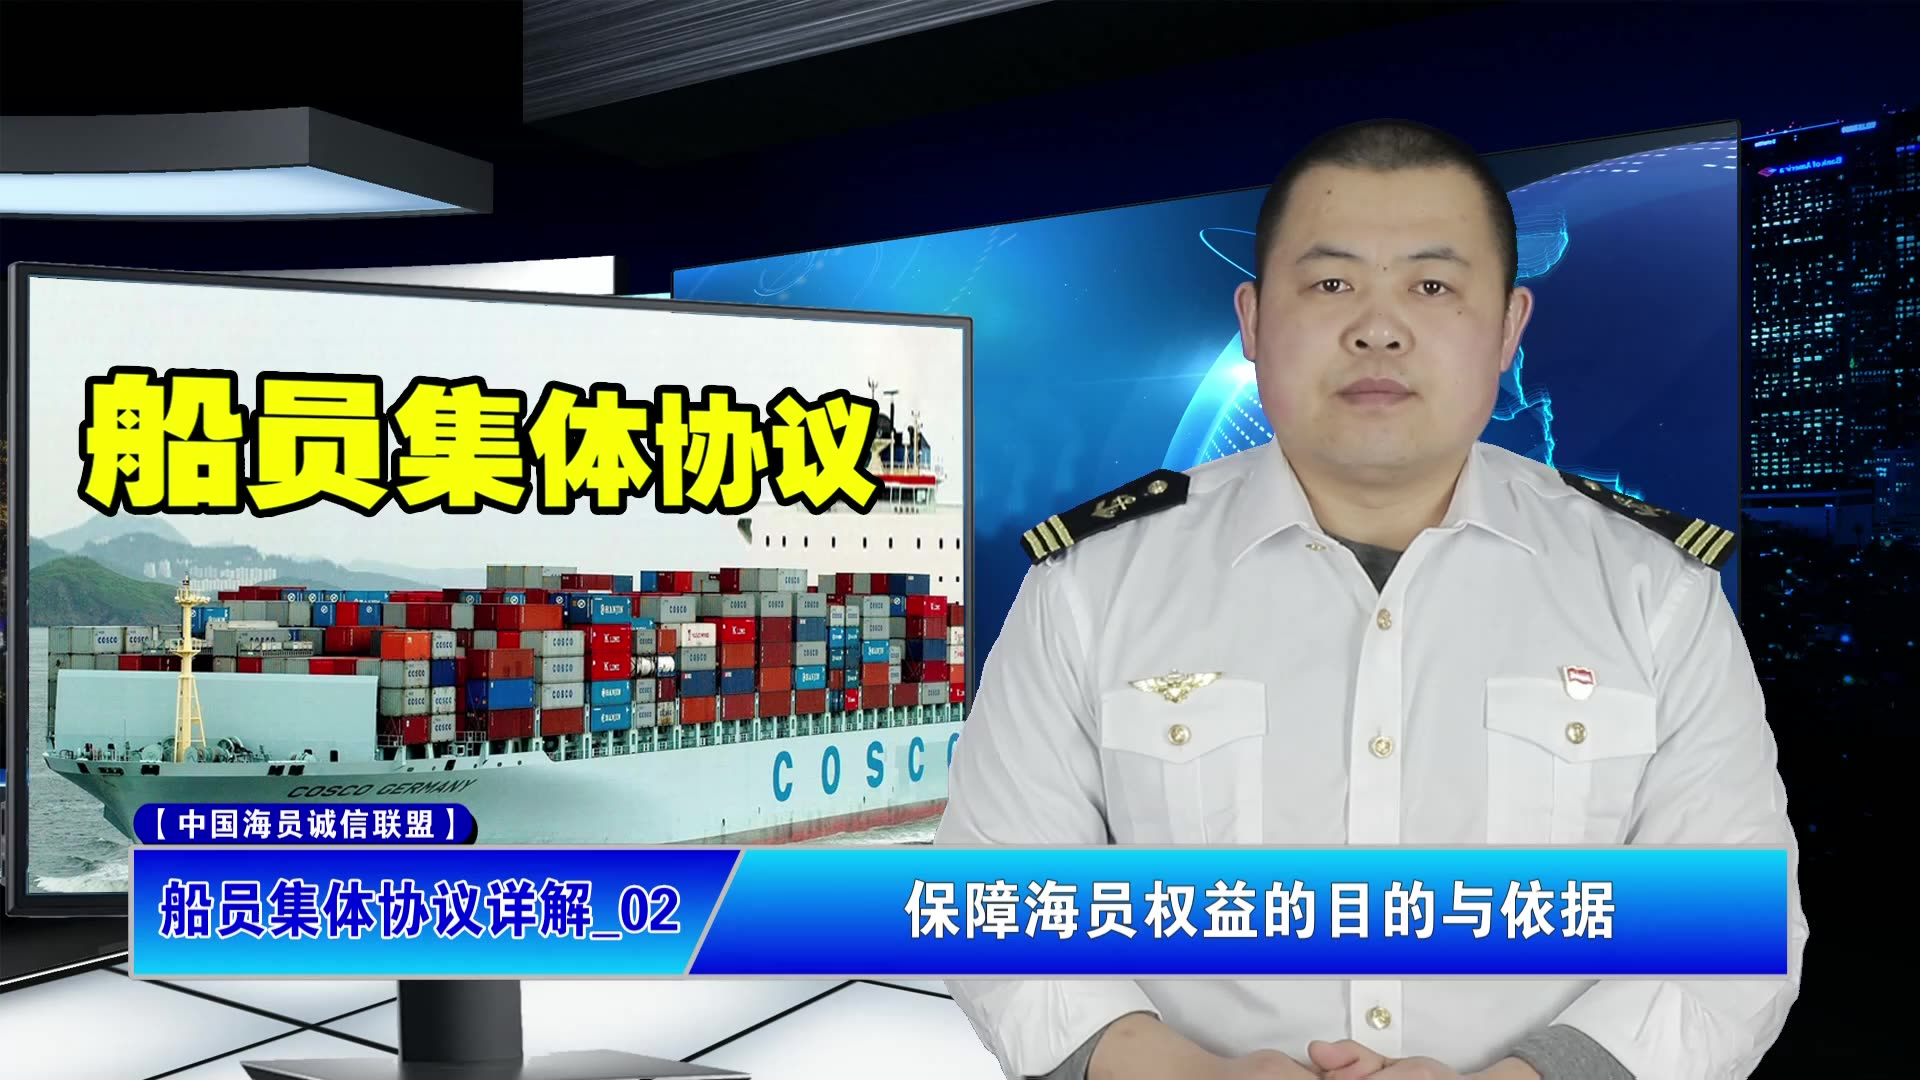 船员集体协议详解_02:保障海员权益的目的与依据